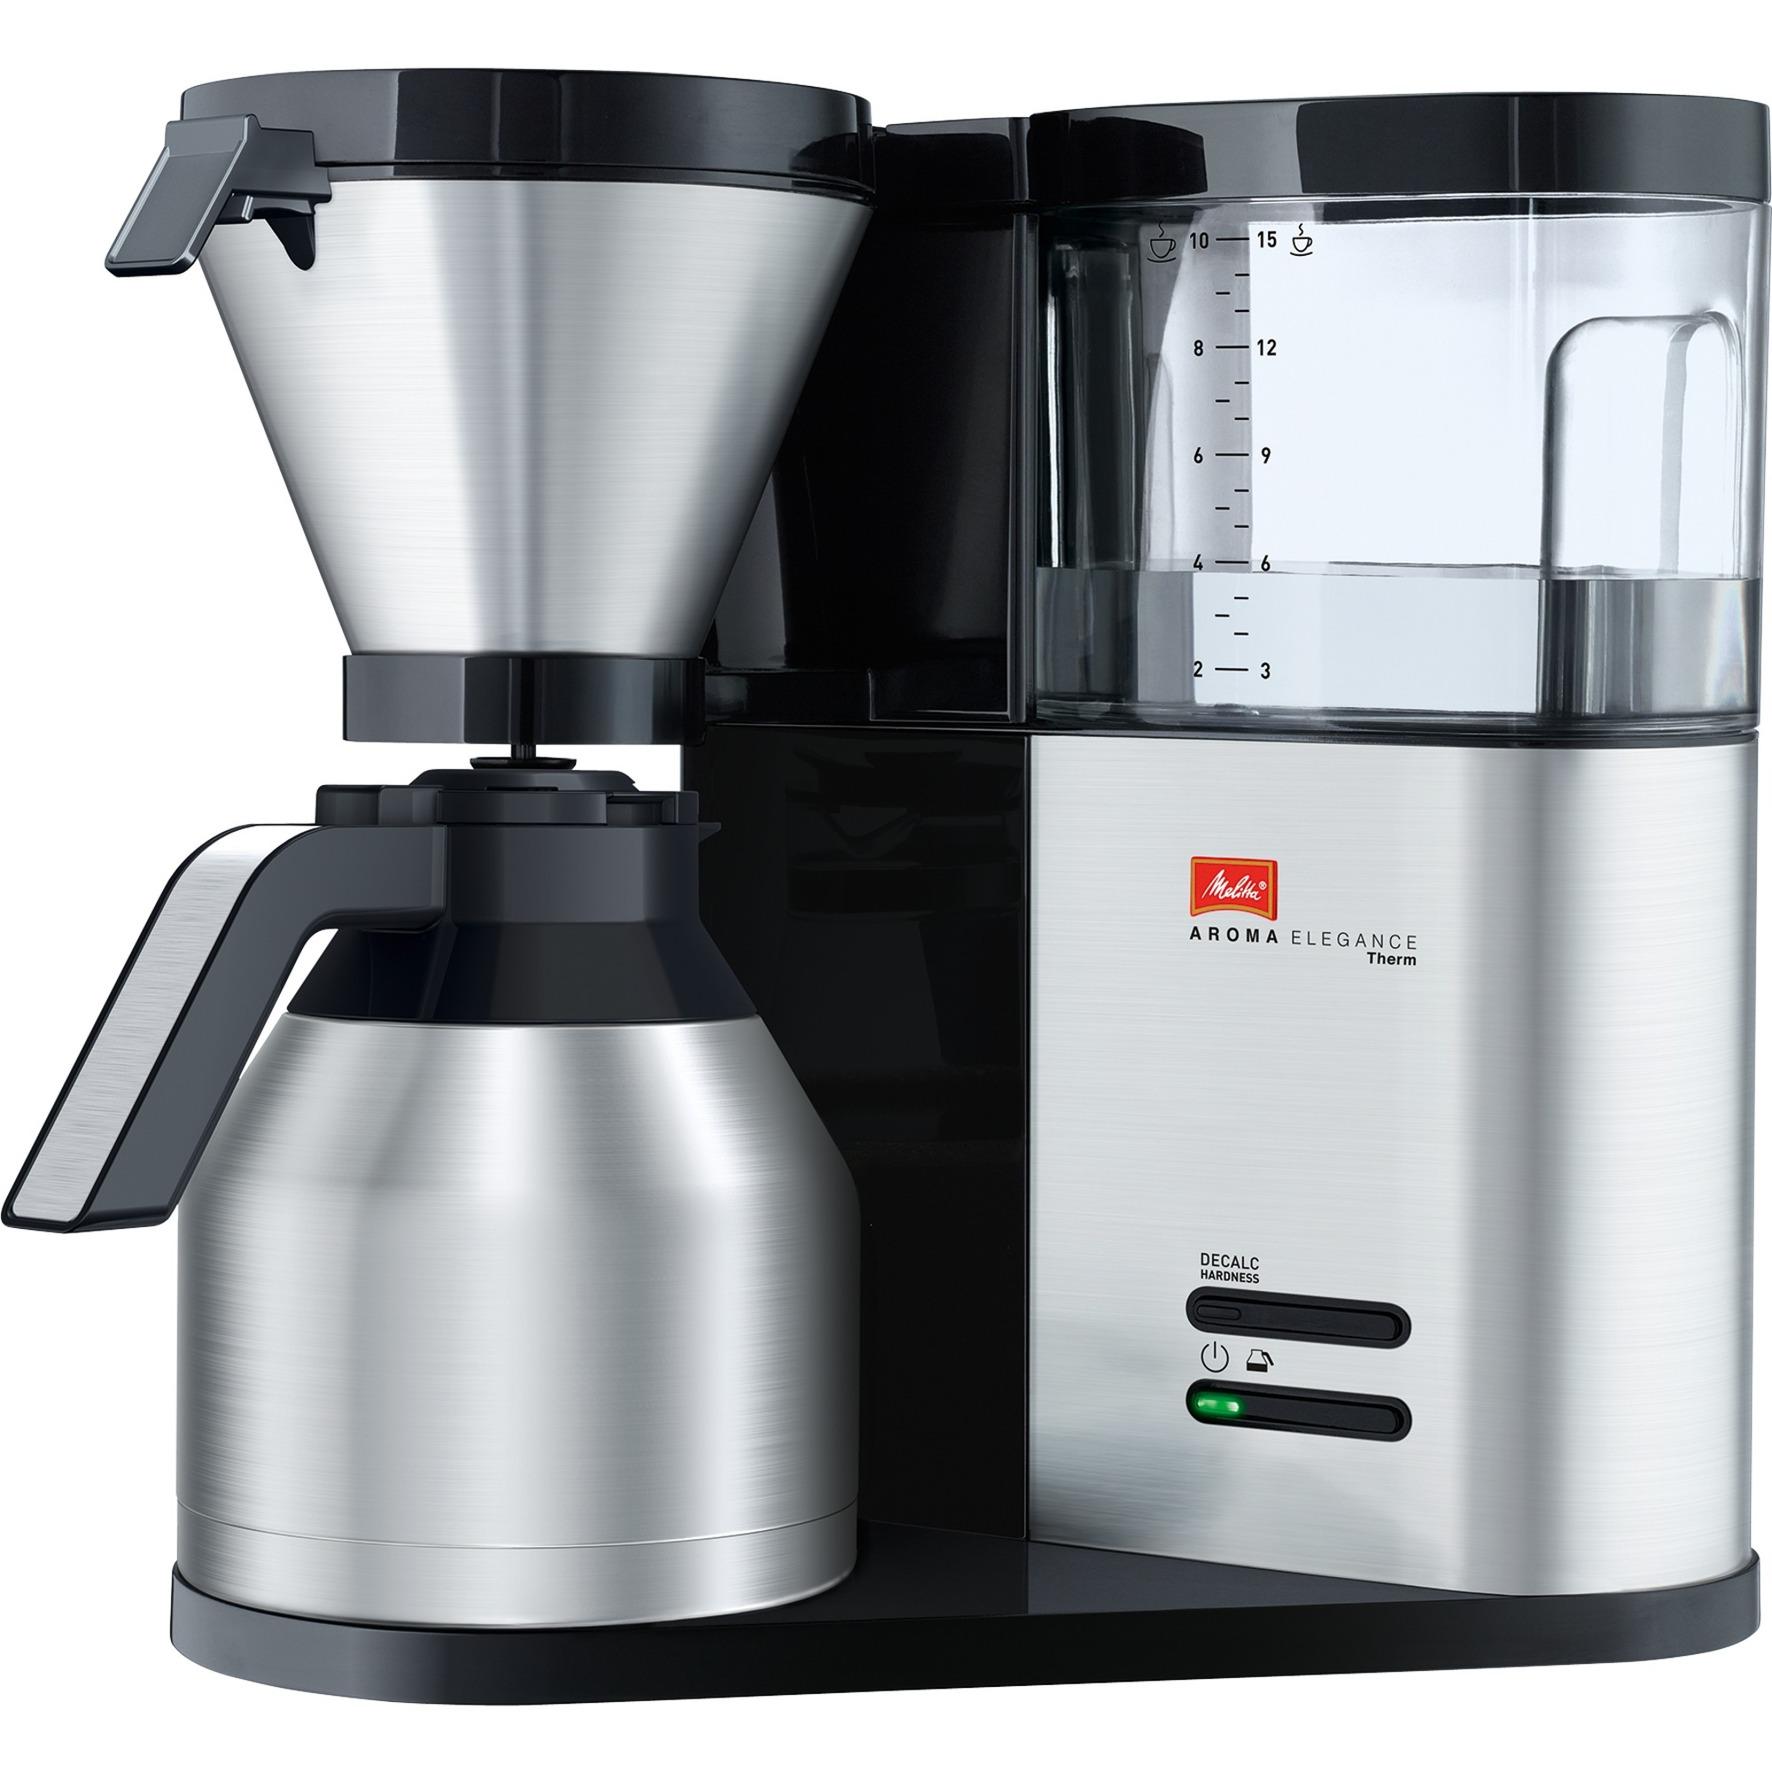 Aroma Elegance Therm Independiente Totalmente automática Cafetera de filtro 15tazas Negro, Acero inoxidable